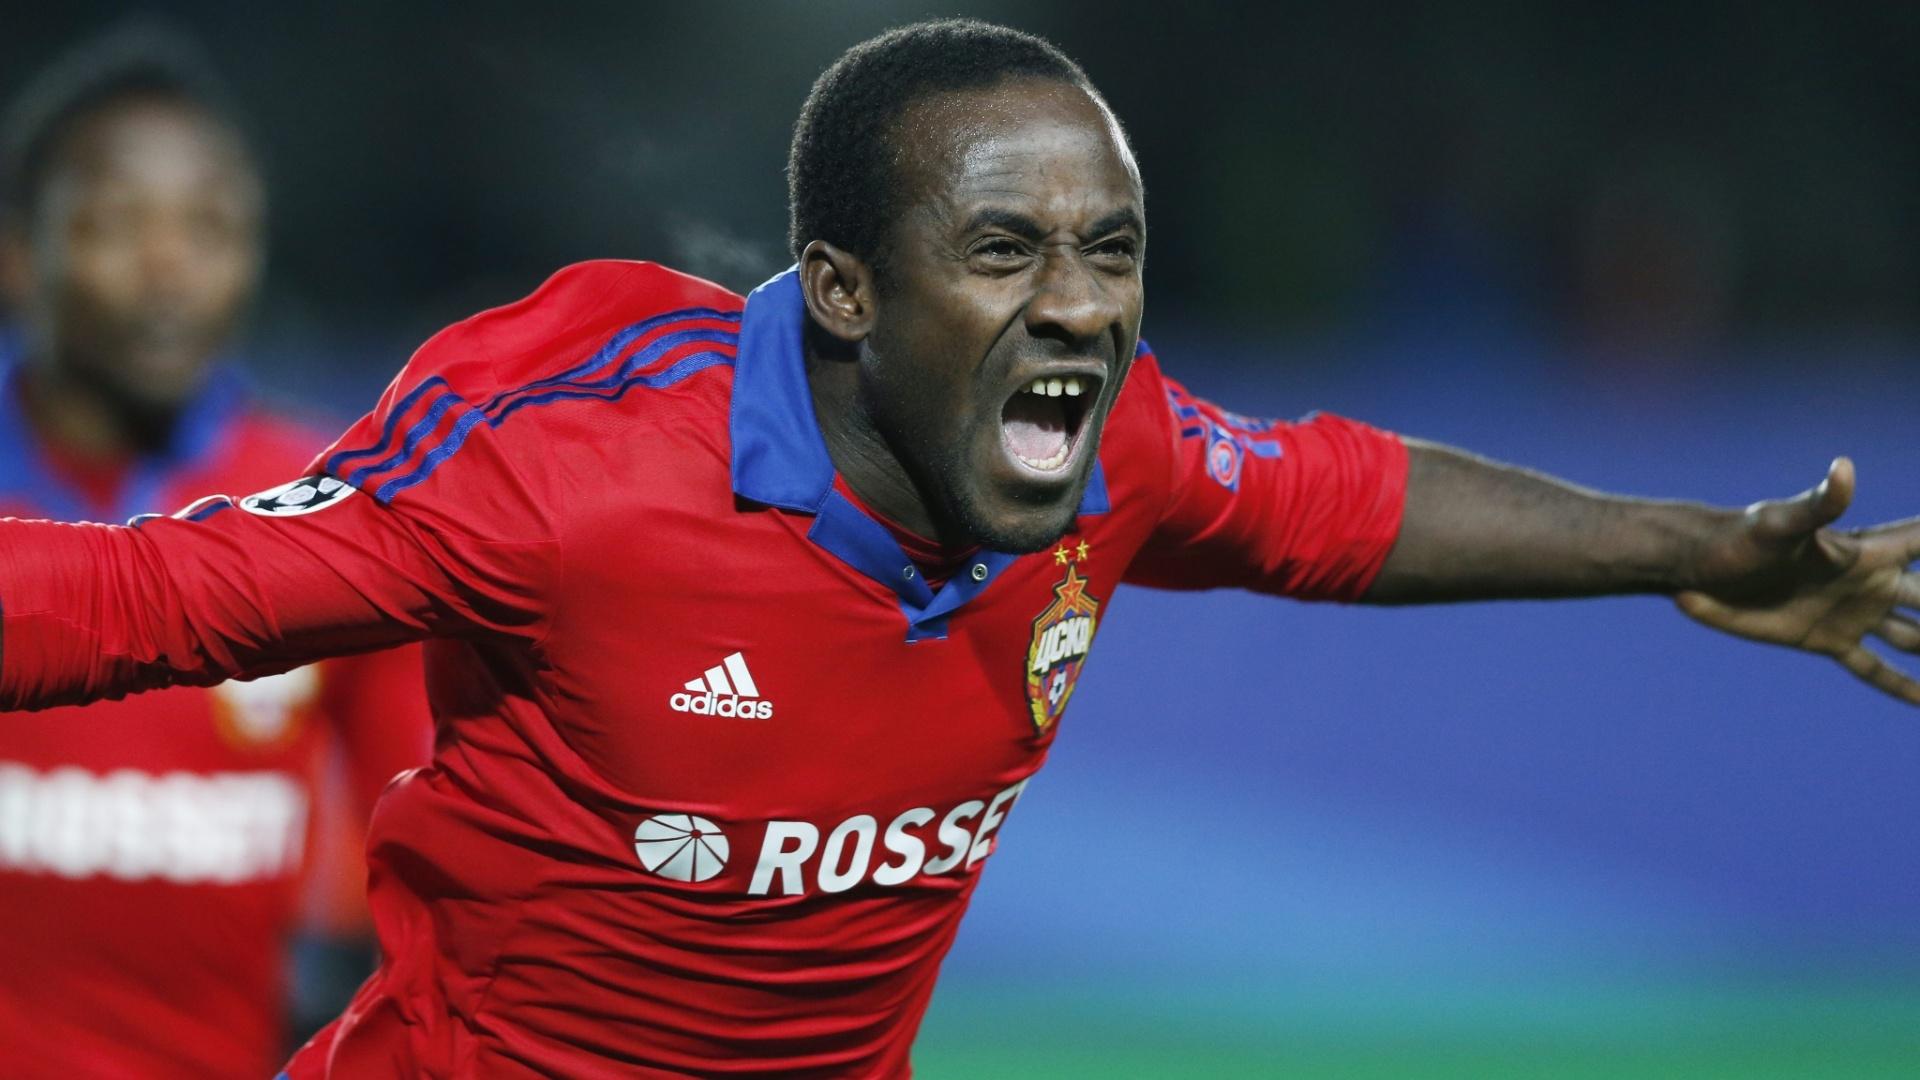 Doumbia comemora após abrir o placar para o CSKA contra o Manchester United pela Liga dos Campeões